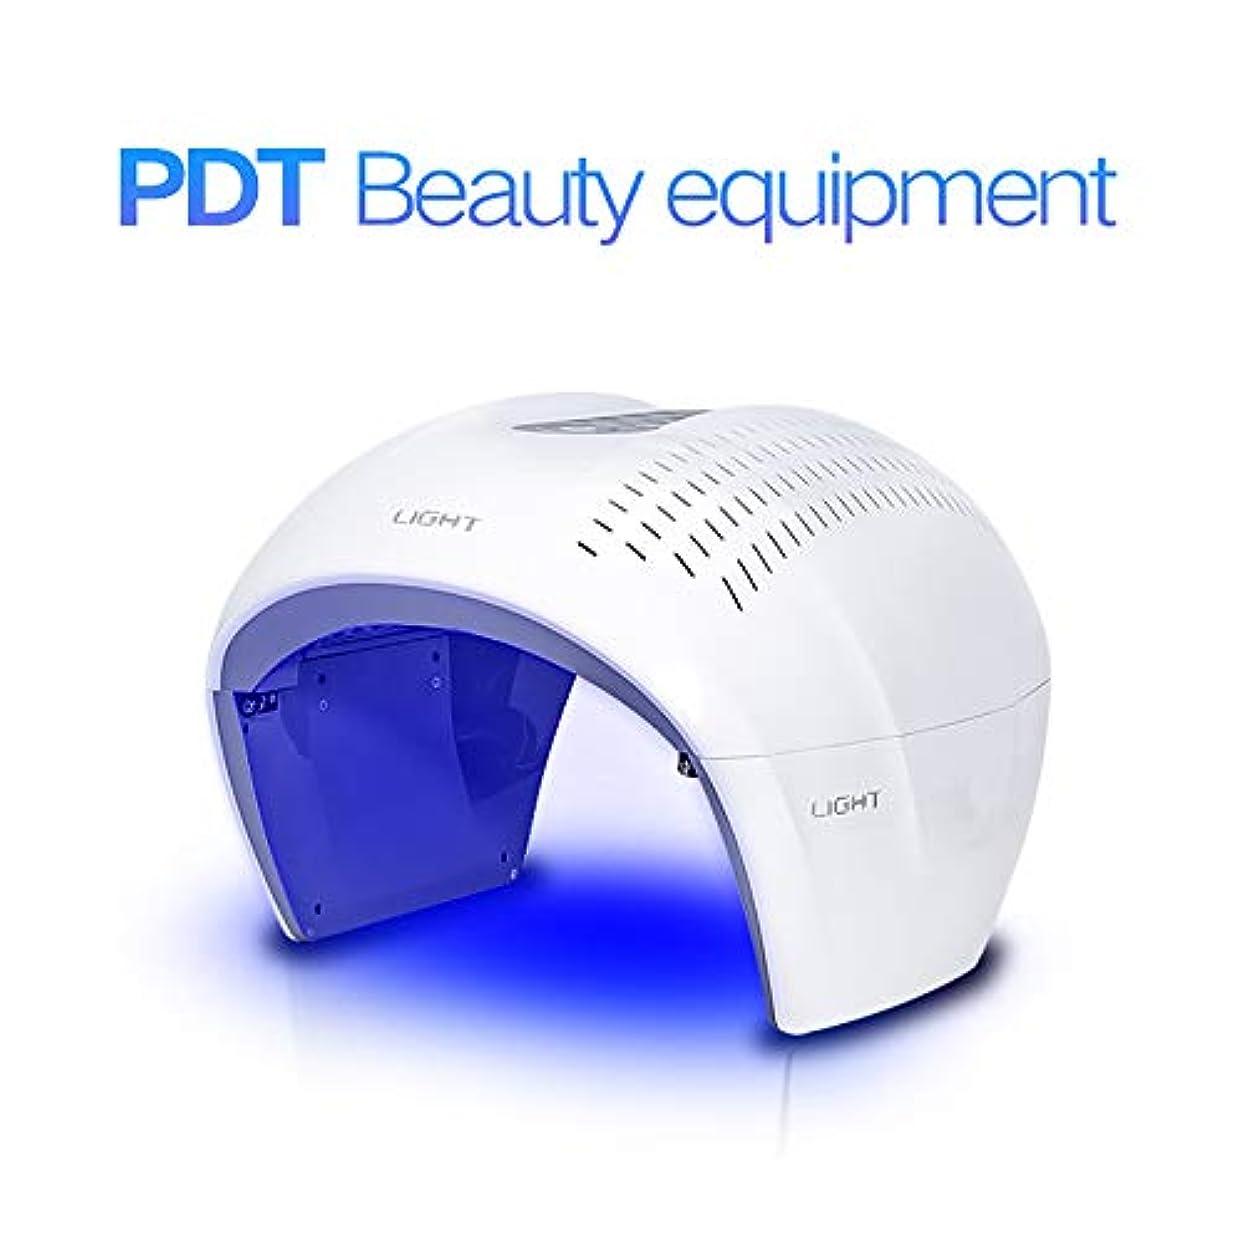 墓思慮のないイブニング健康な肌の若返りのコラーゲン、反老化、4色LEDの美のスキンケアの光子療法機械のための表面光子の赤灯療法